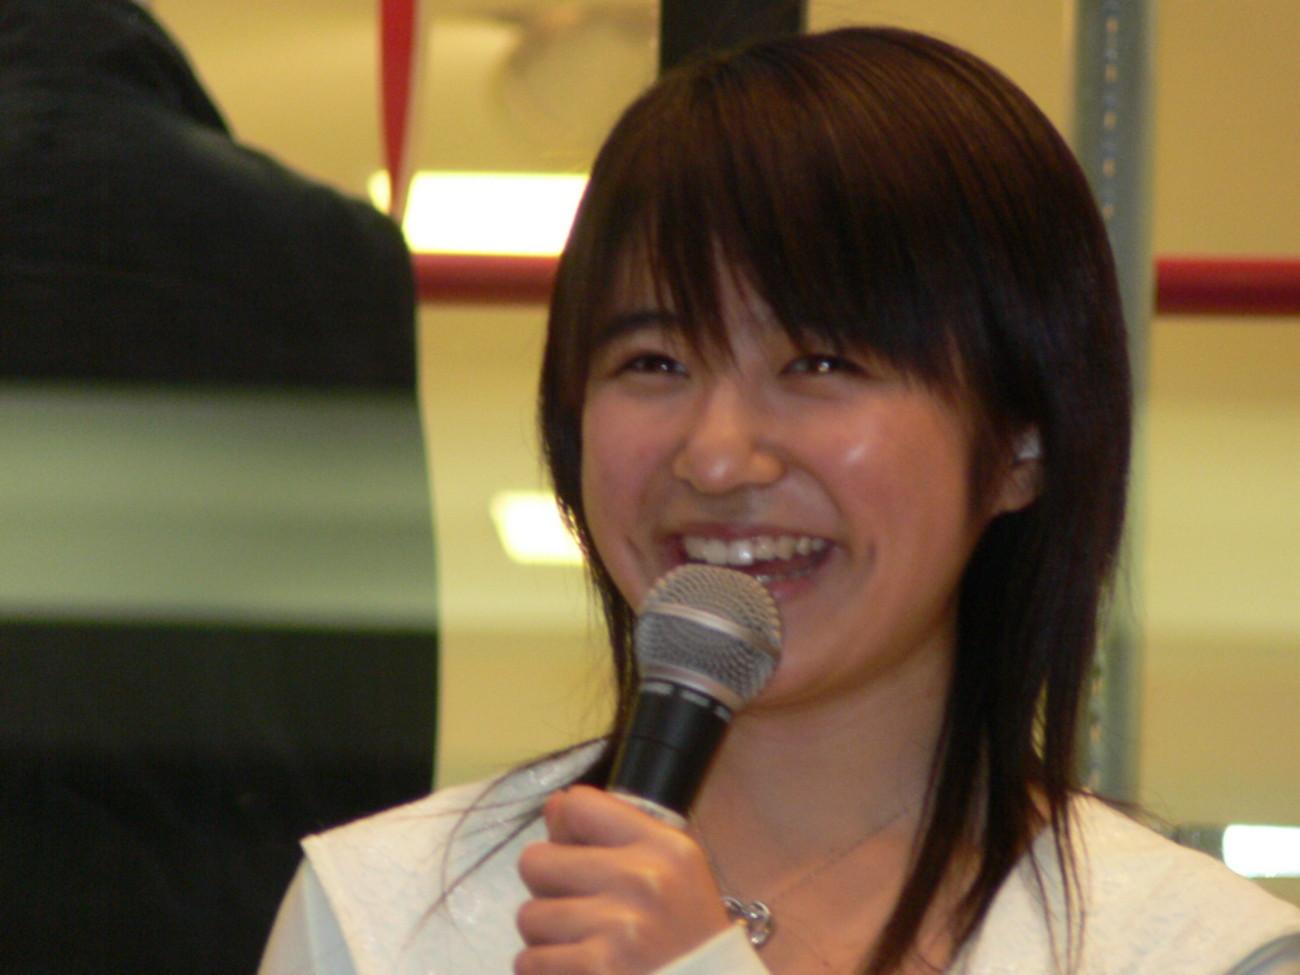 神園さやか 今日は僕の大好きな神園さやかちゃんの広島キャンペーンへ行ってきました。